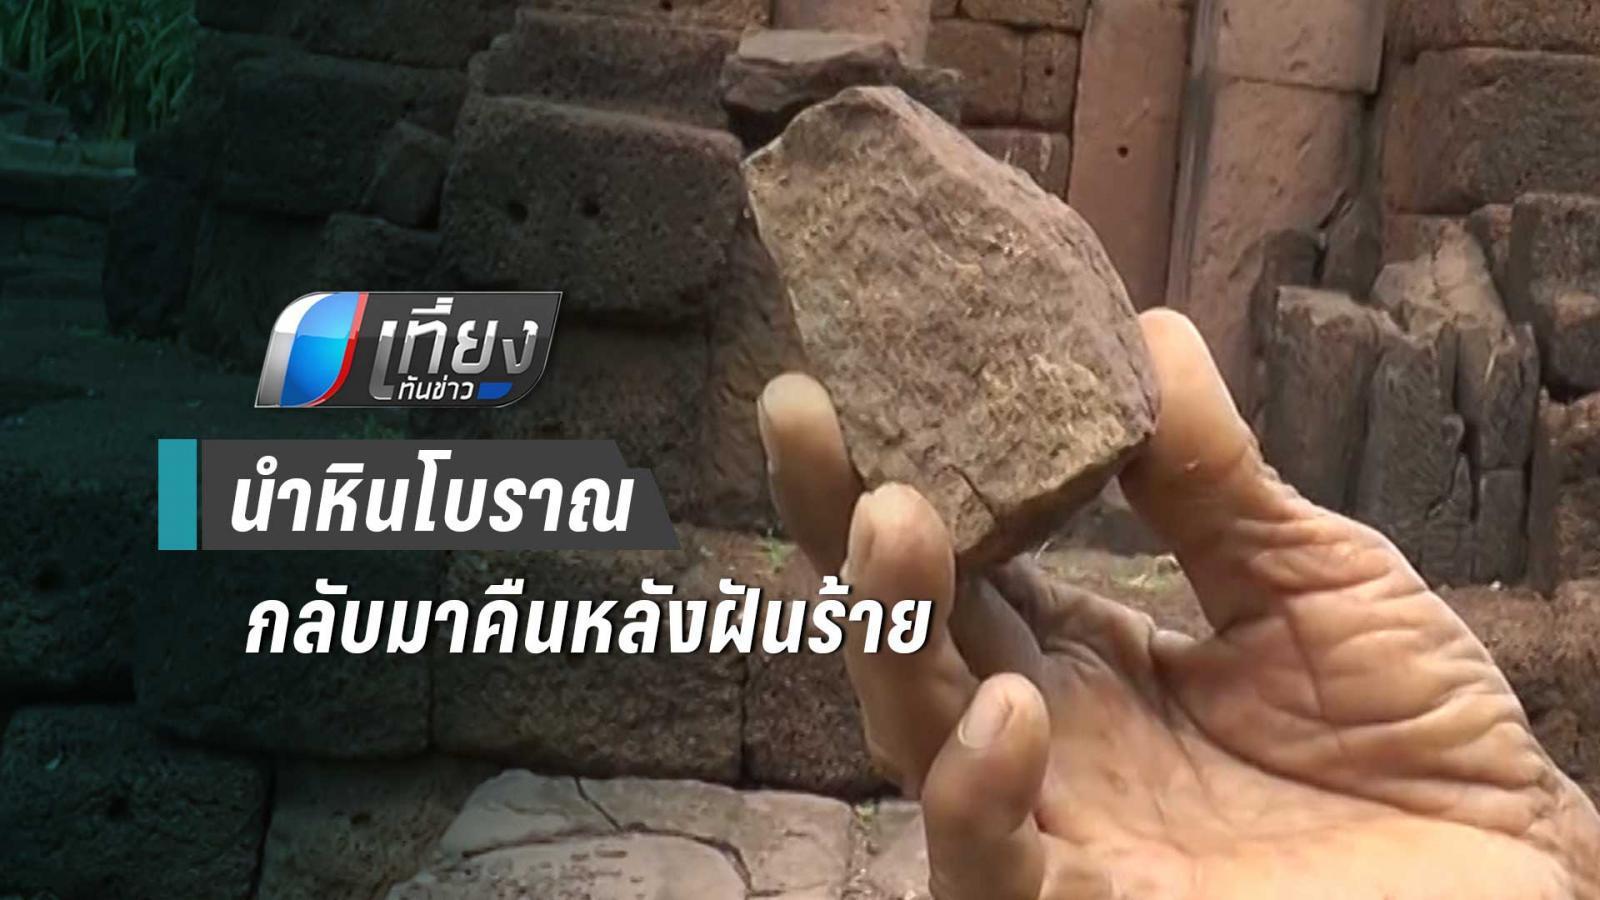 ชาวบ้านผวา! นำหินโบราณกลับมาคืนหลังเจอเหตุการณ์ร้าย